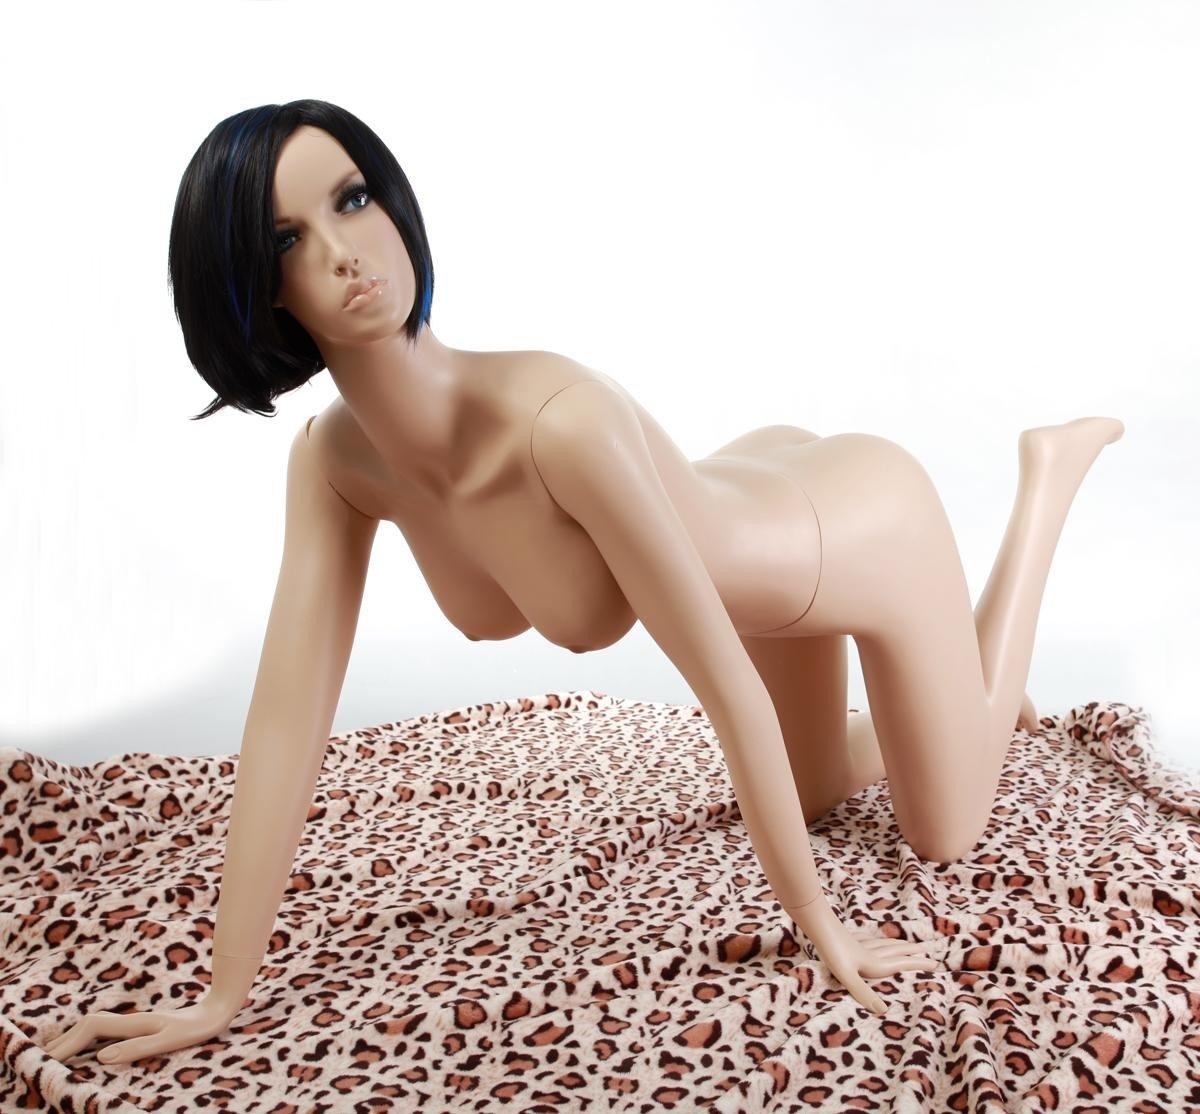 Manichini Femminile colori della pelle posa erotica HeuSa GmbH